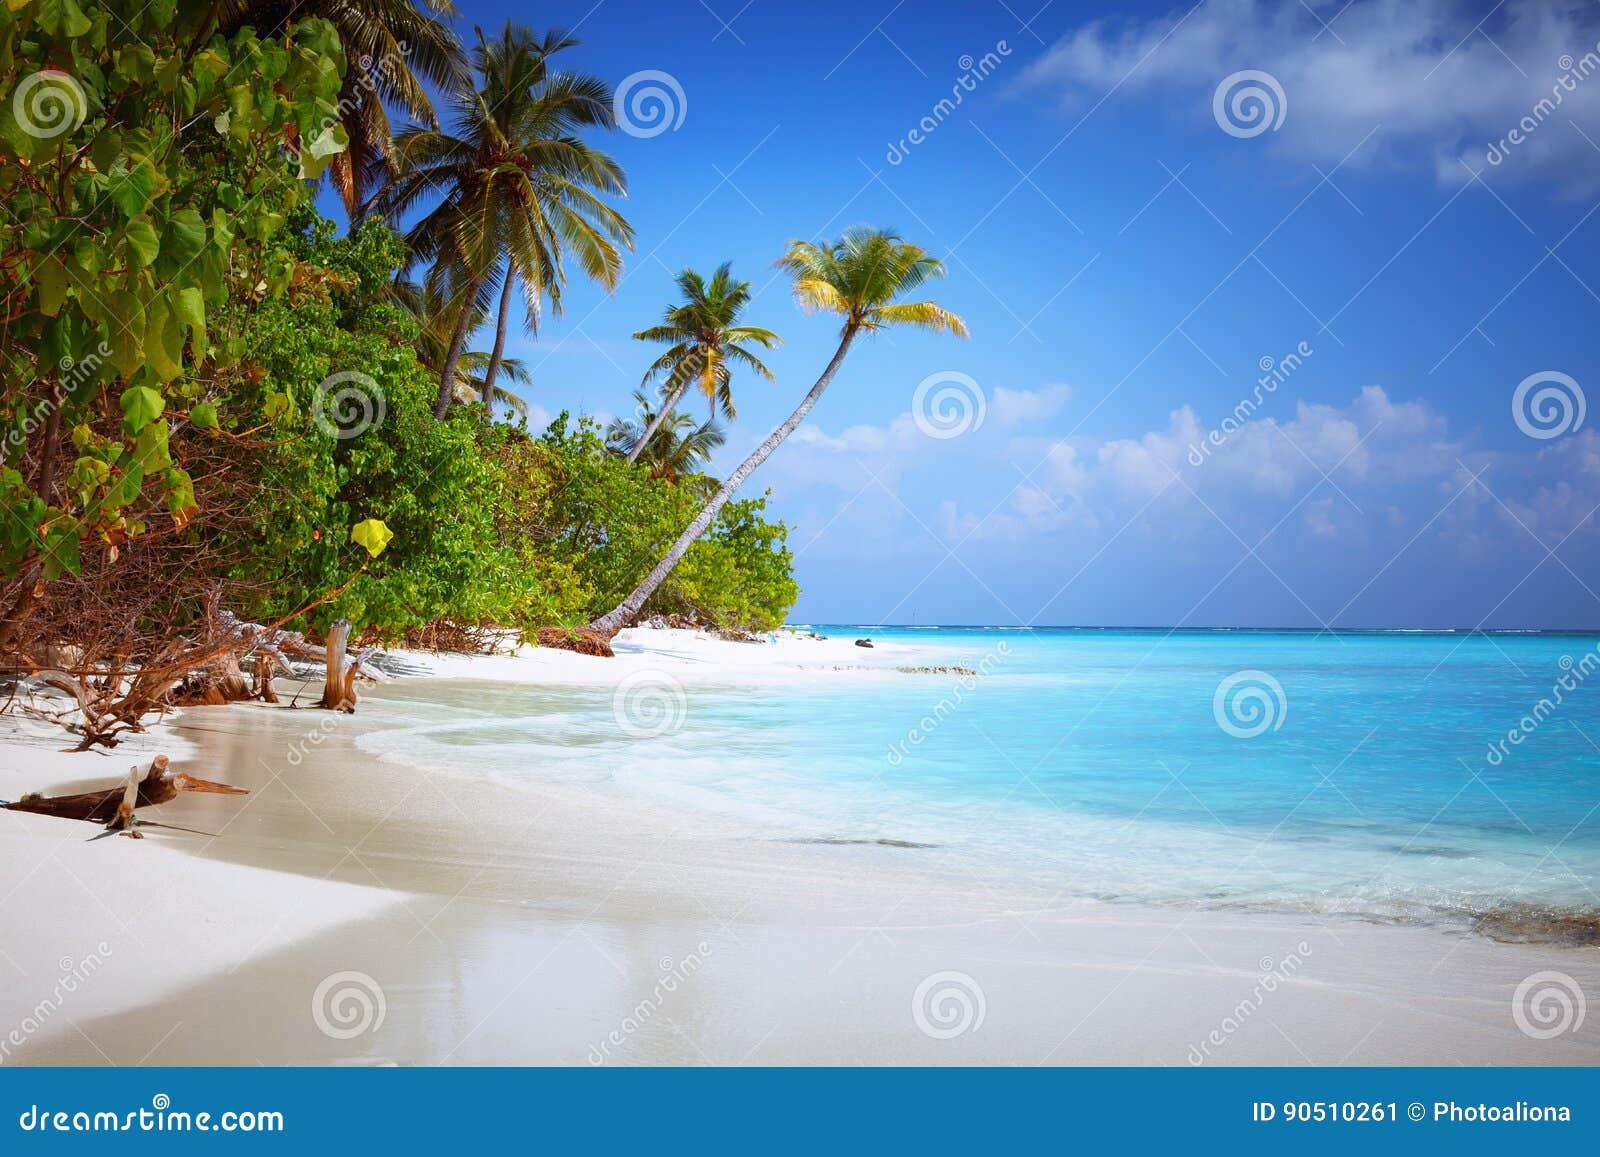 在有白色含沙田园诗完善的海滩和海和曲线棕榈的马尔代夫海岛Fulhadhoo靠岸